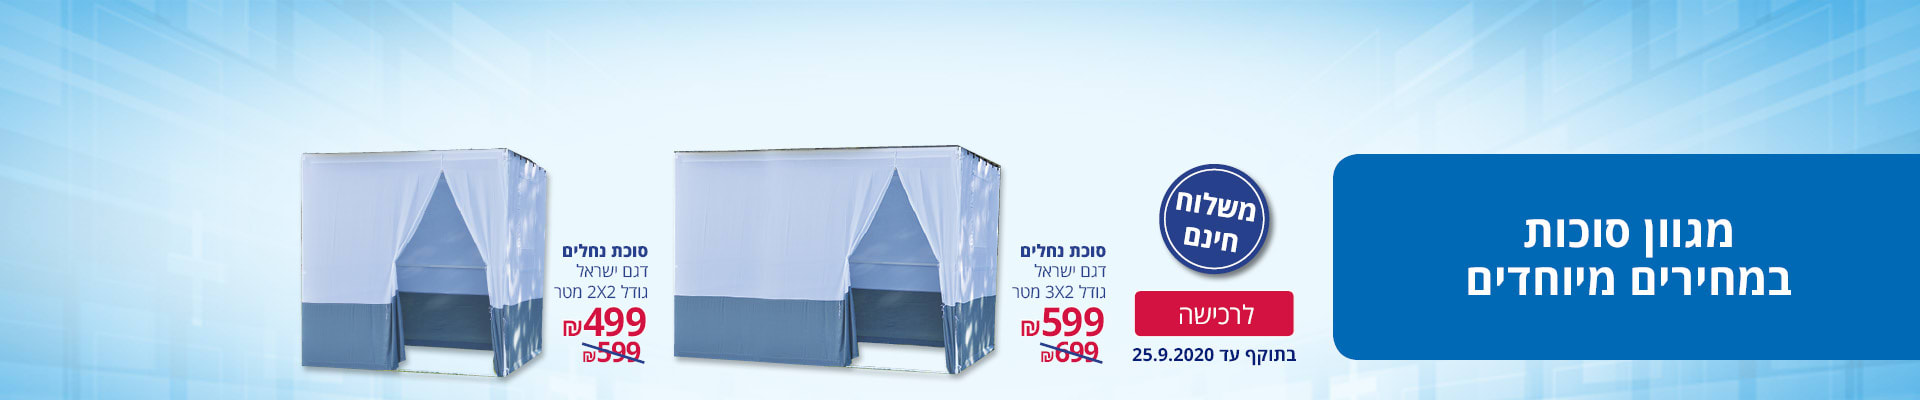 מגוון סוכות במחירים מיוחדים ומשלוח חינם: סוכת נחלים דגם ישראל גודל 2 מטר X 2 מטר ב-499 ₪, סוכת נחלים דגם ישראל גודל 2 מטר X 3 מטר ב-599 ₪. בתוקף עד 25.9.2020.